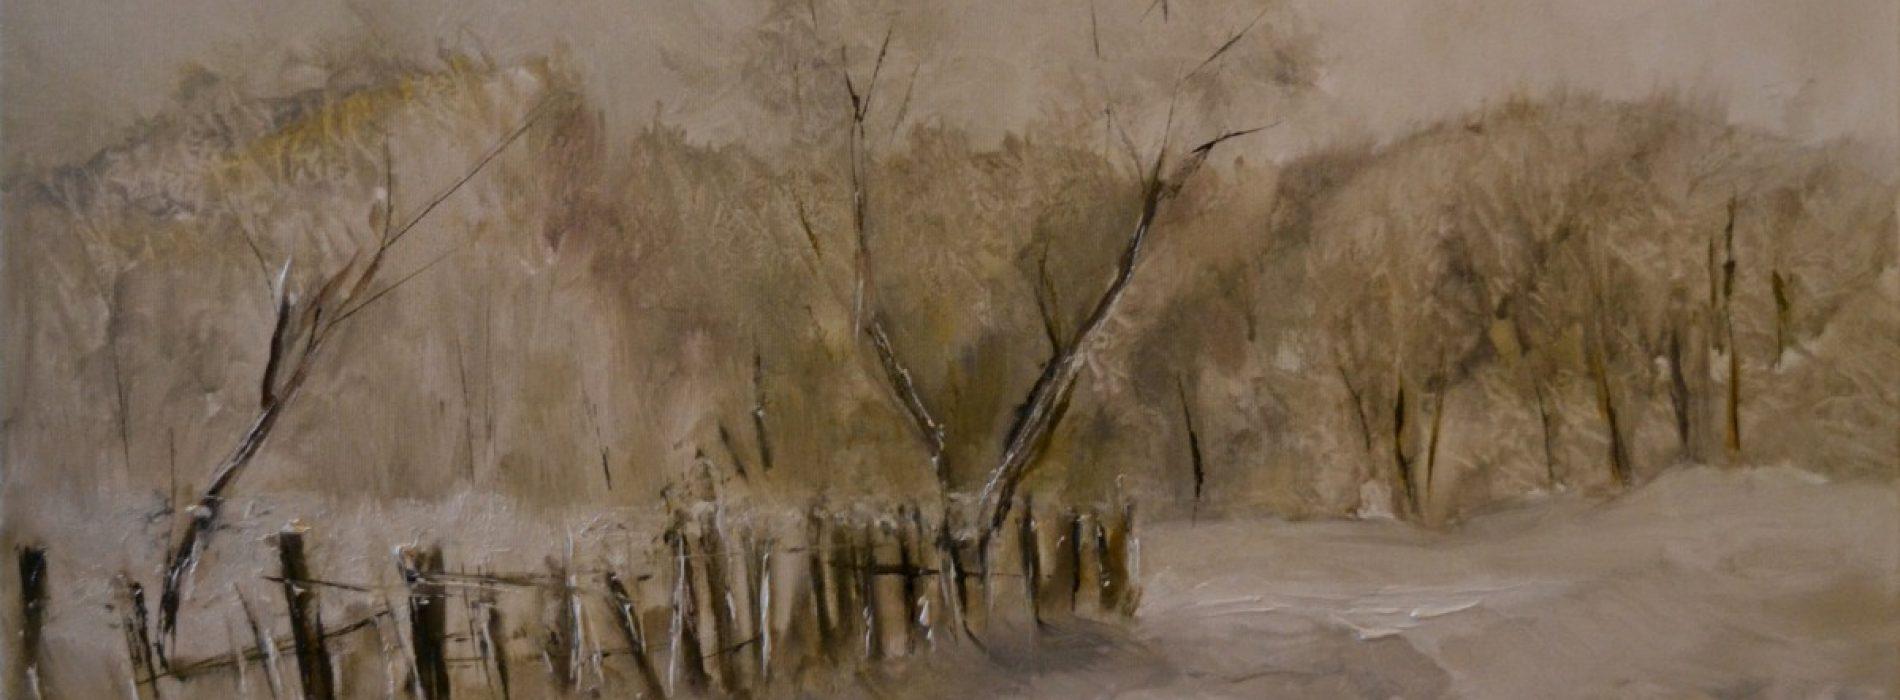 """18 artiști plastici pictează în tabăra """"Transfăgărășanul Artiștilor"""""""